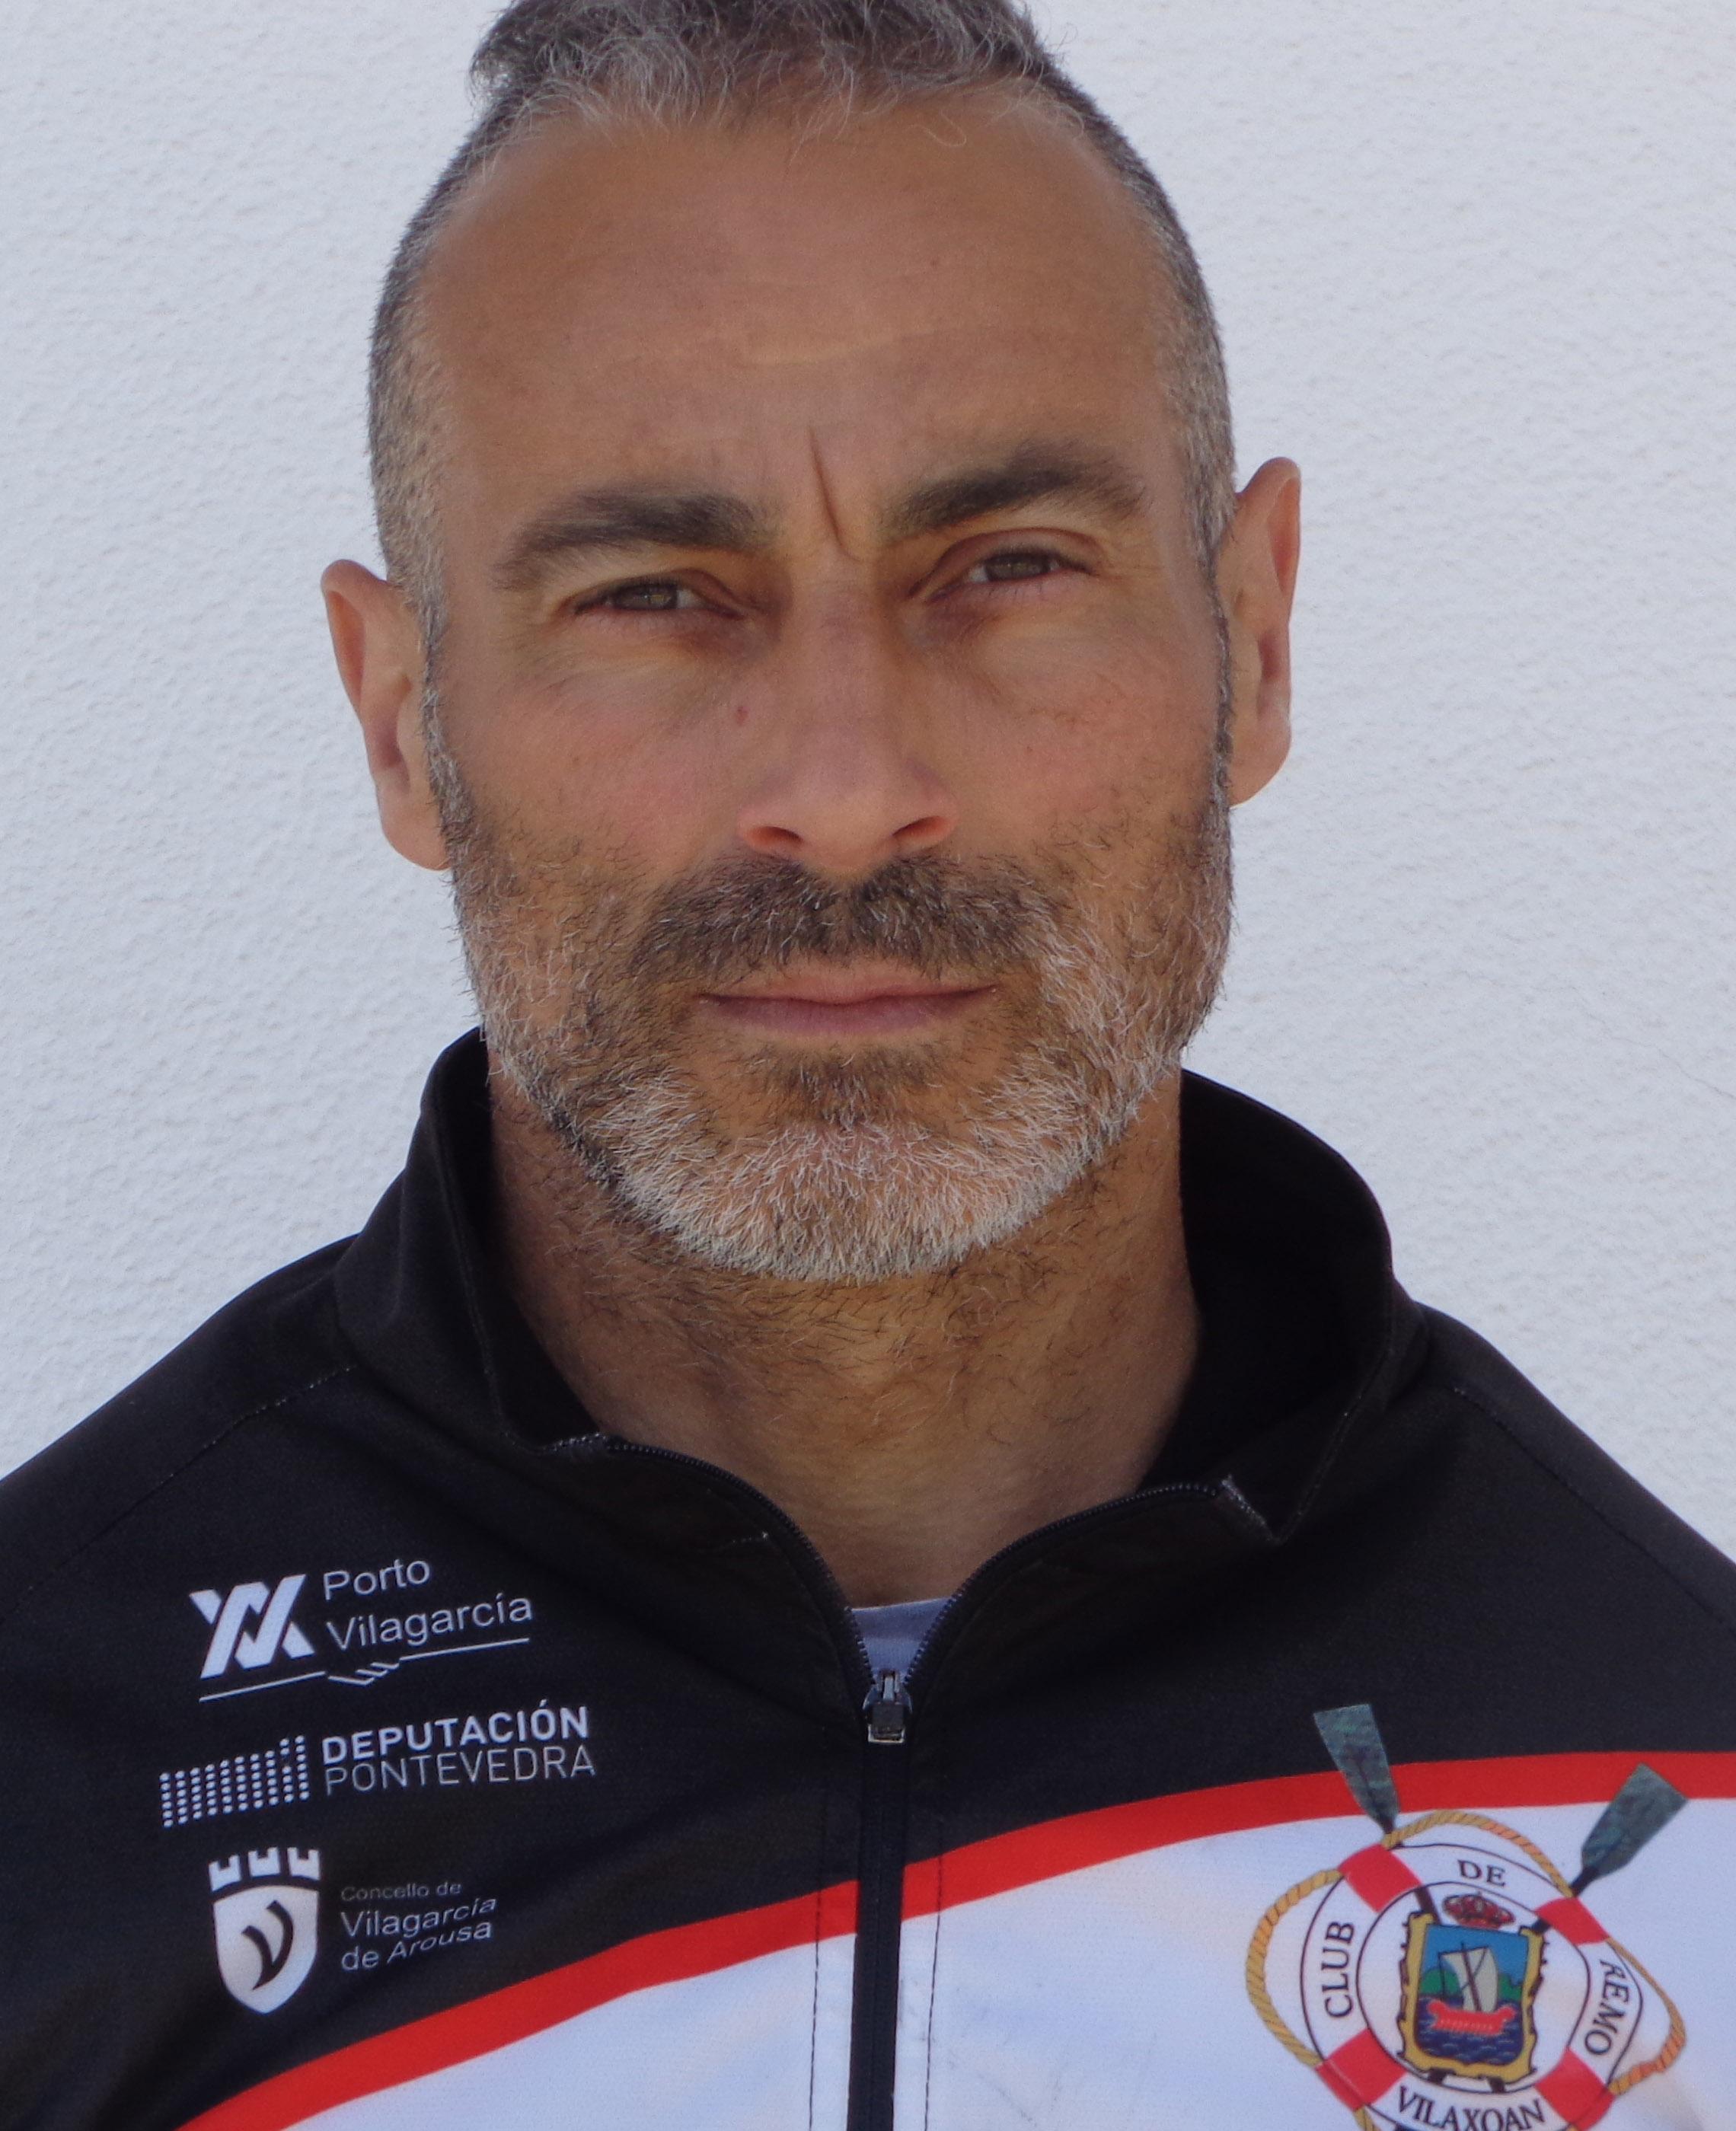 Pedro J. Fdez. - NON PROPIO